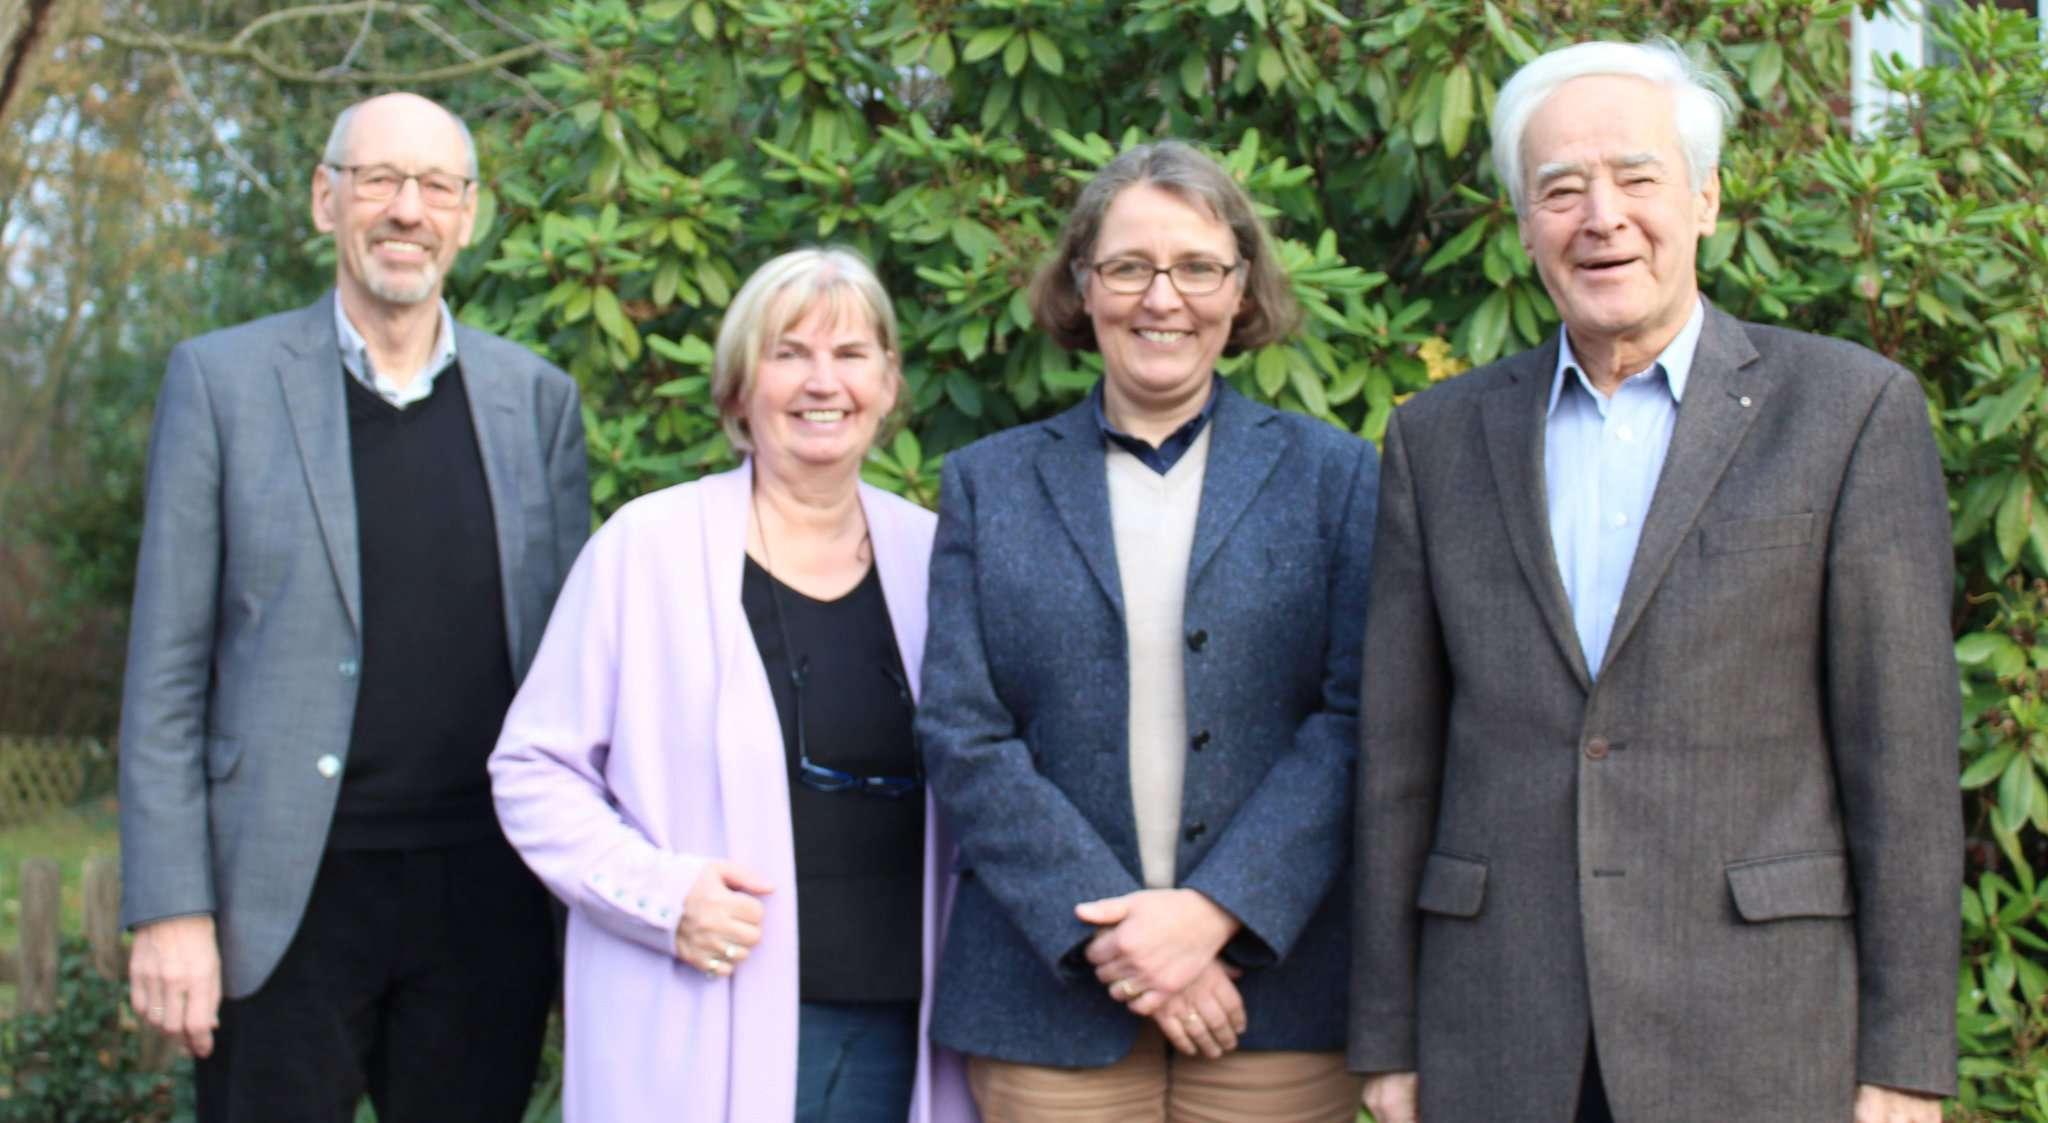 Claus-Dieter Winkelmann (von links), Marianne Kuhn, Bettina Winkler und Karsten Müller-Scheeßel freuen sich, dass die Diakoniestation das bekommt, was sie benötigt: Zeit durch finanzielle Unterstützung. Foto: Ann-Christin Beims